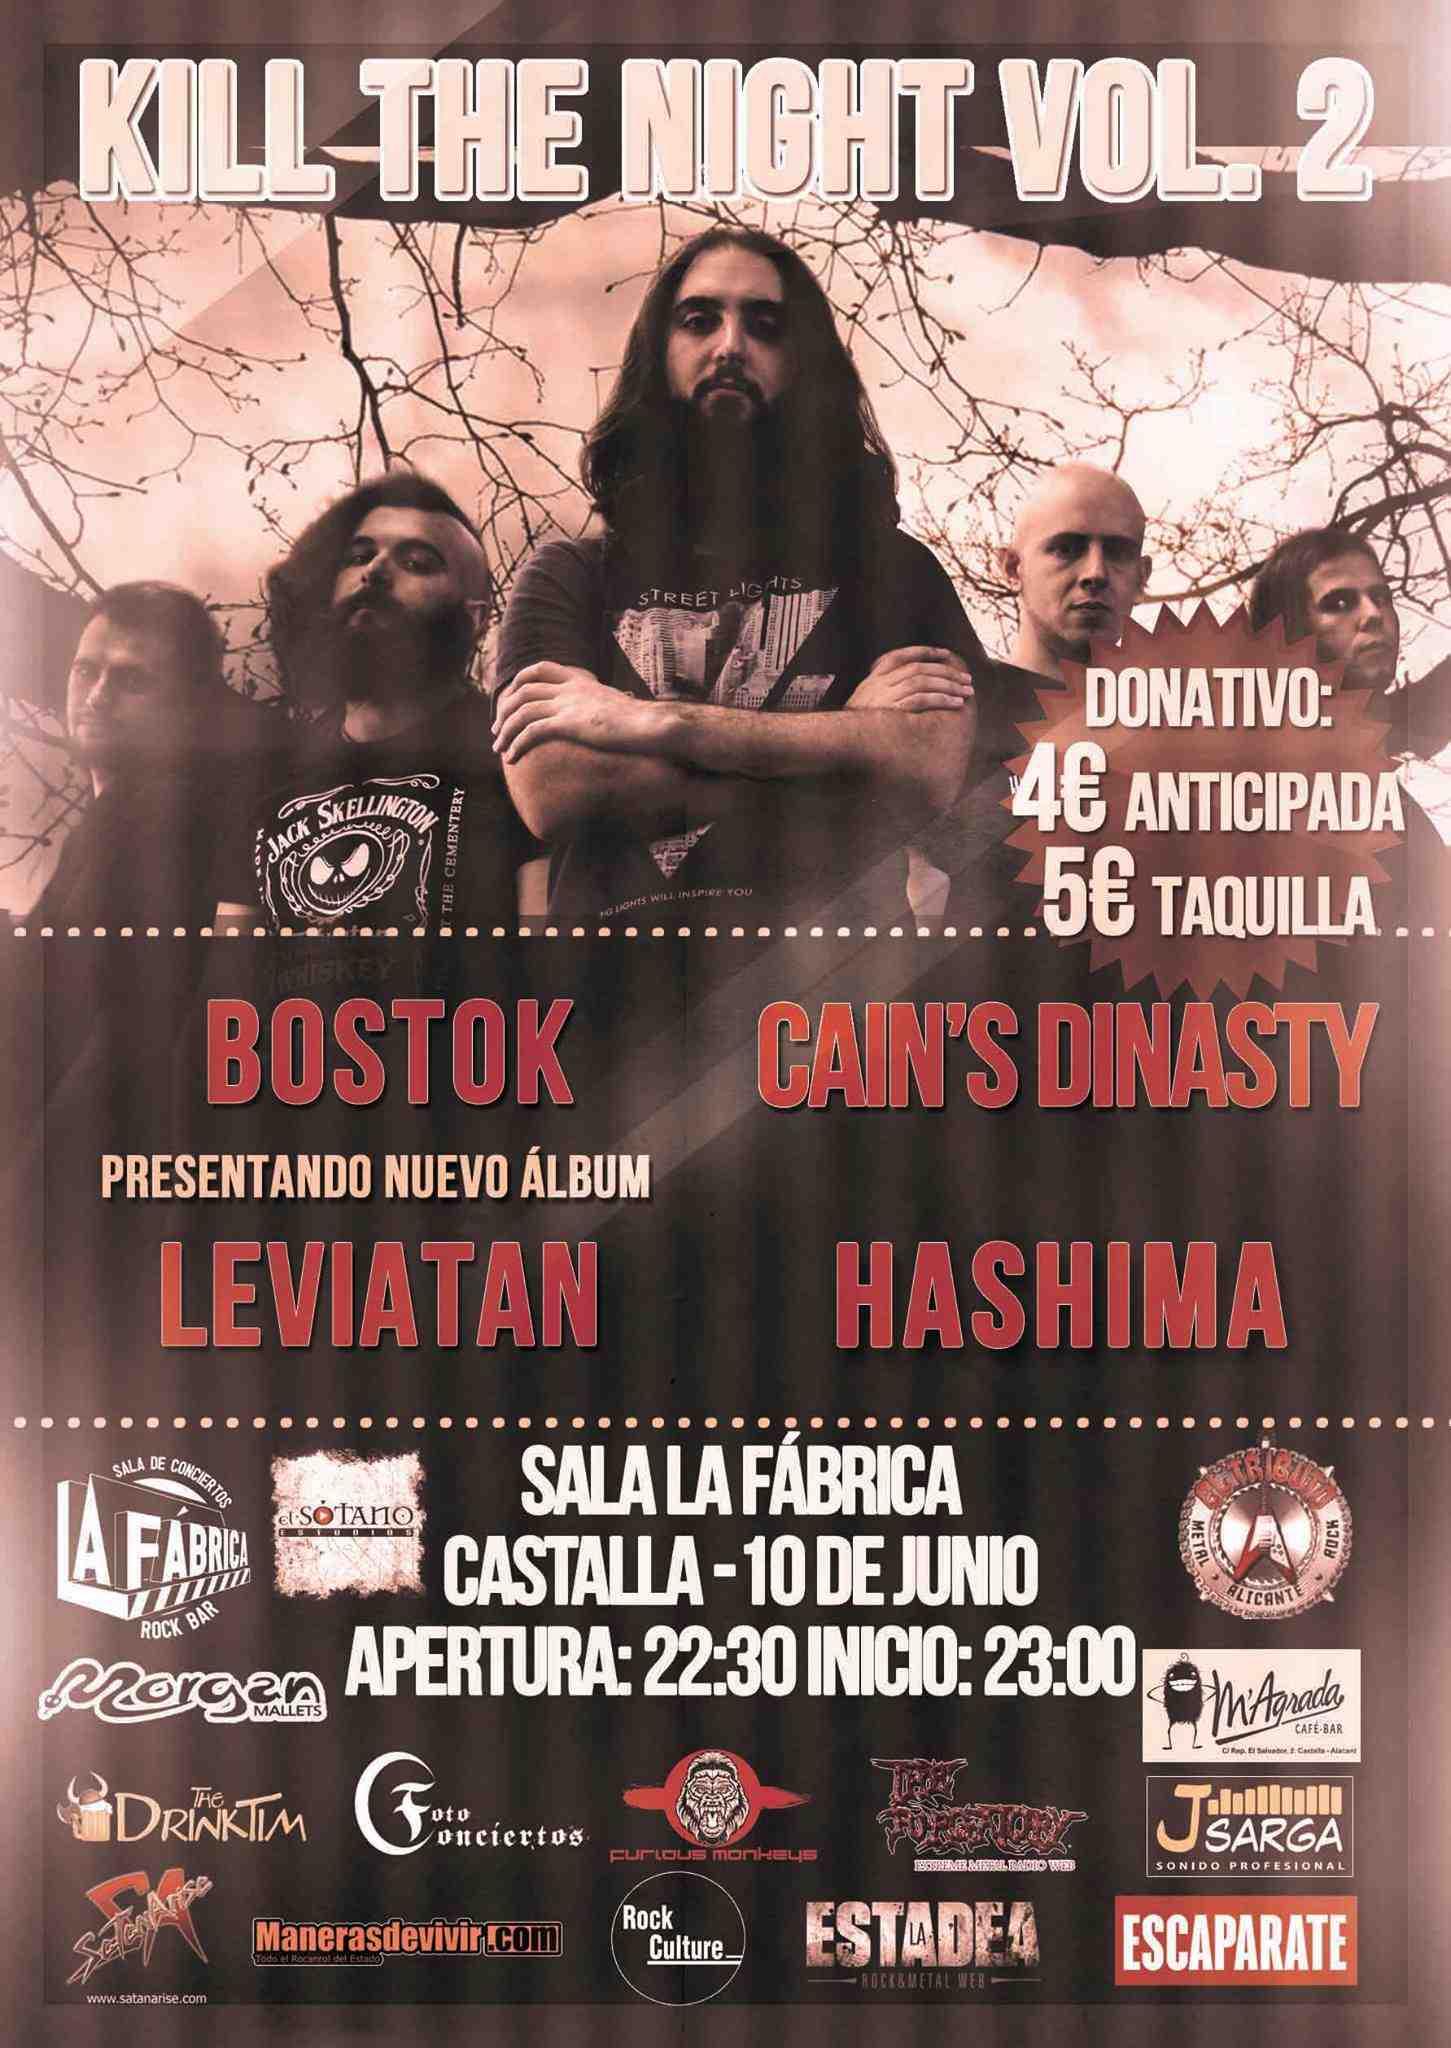 La Fábrica de Castalla acull esta nit la segona edició del festival de heavy metal 'Kill The Night'